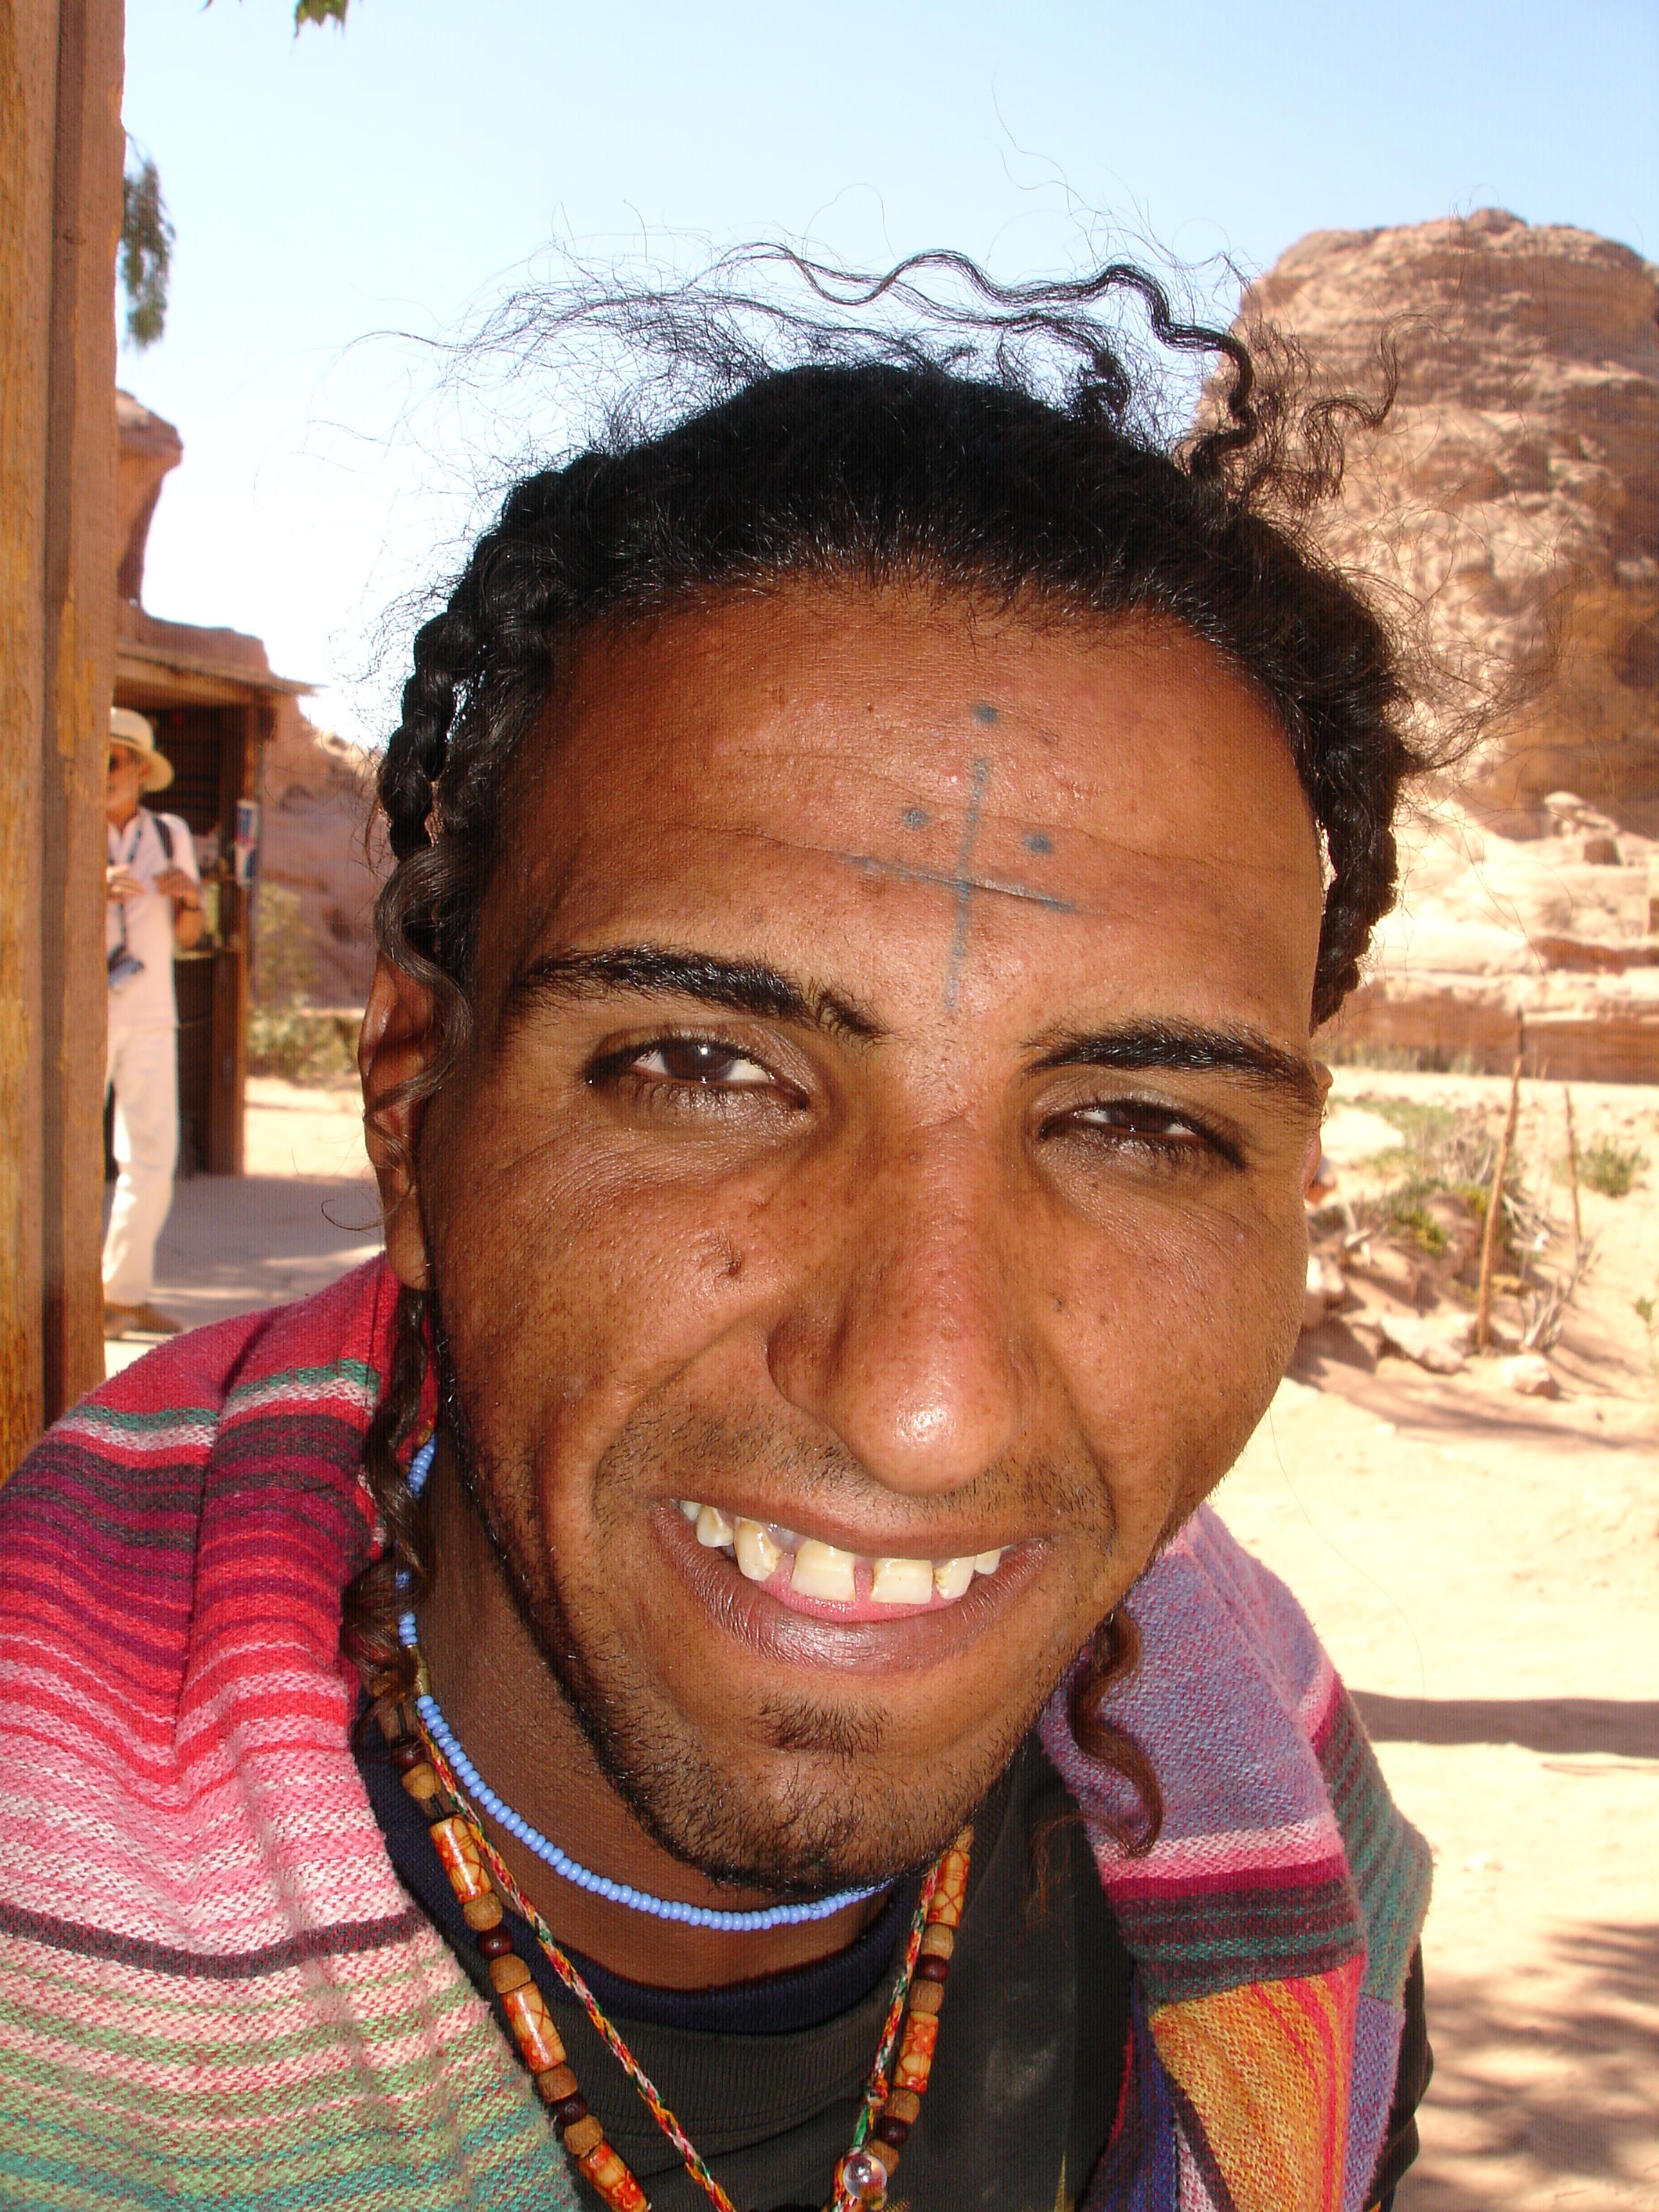 """Salem es beduino, fumeta y escalador. Lleva una tatuaje en la cabeza """"para la suerte"""". Falta le hace. El tio, de resca de boda, se dedica a subira los monumentos a pelo y a saltar entre ellos. Ah, también tiene un grupo de break dance con otros beduinos."""